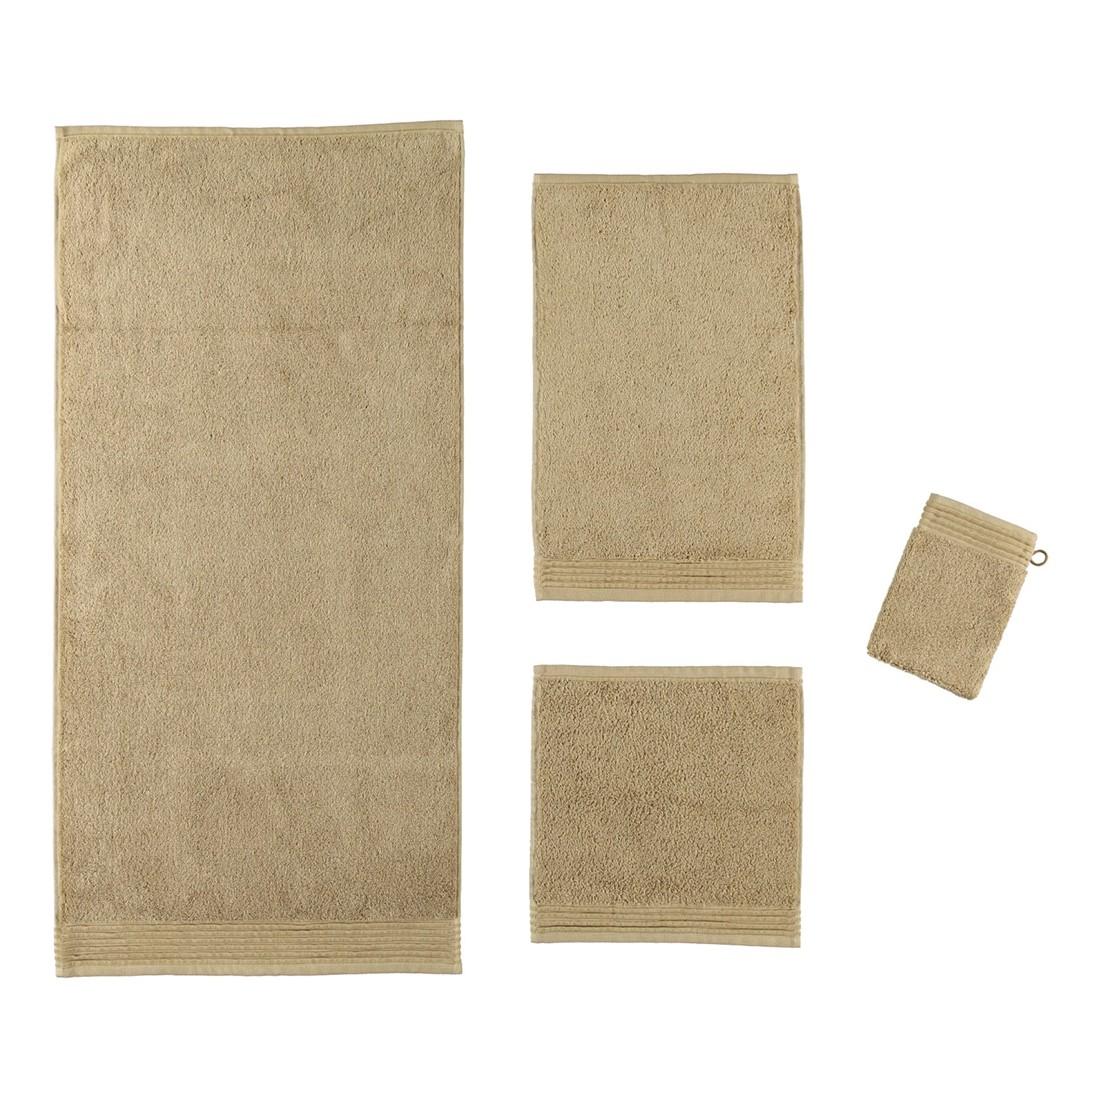 Handtuch LOFT – 100% Baumwolle wood – 708 – Gästetuch: 30 x 50 cm, Möve günstig online kaufen